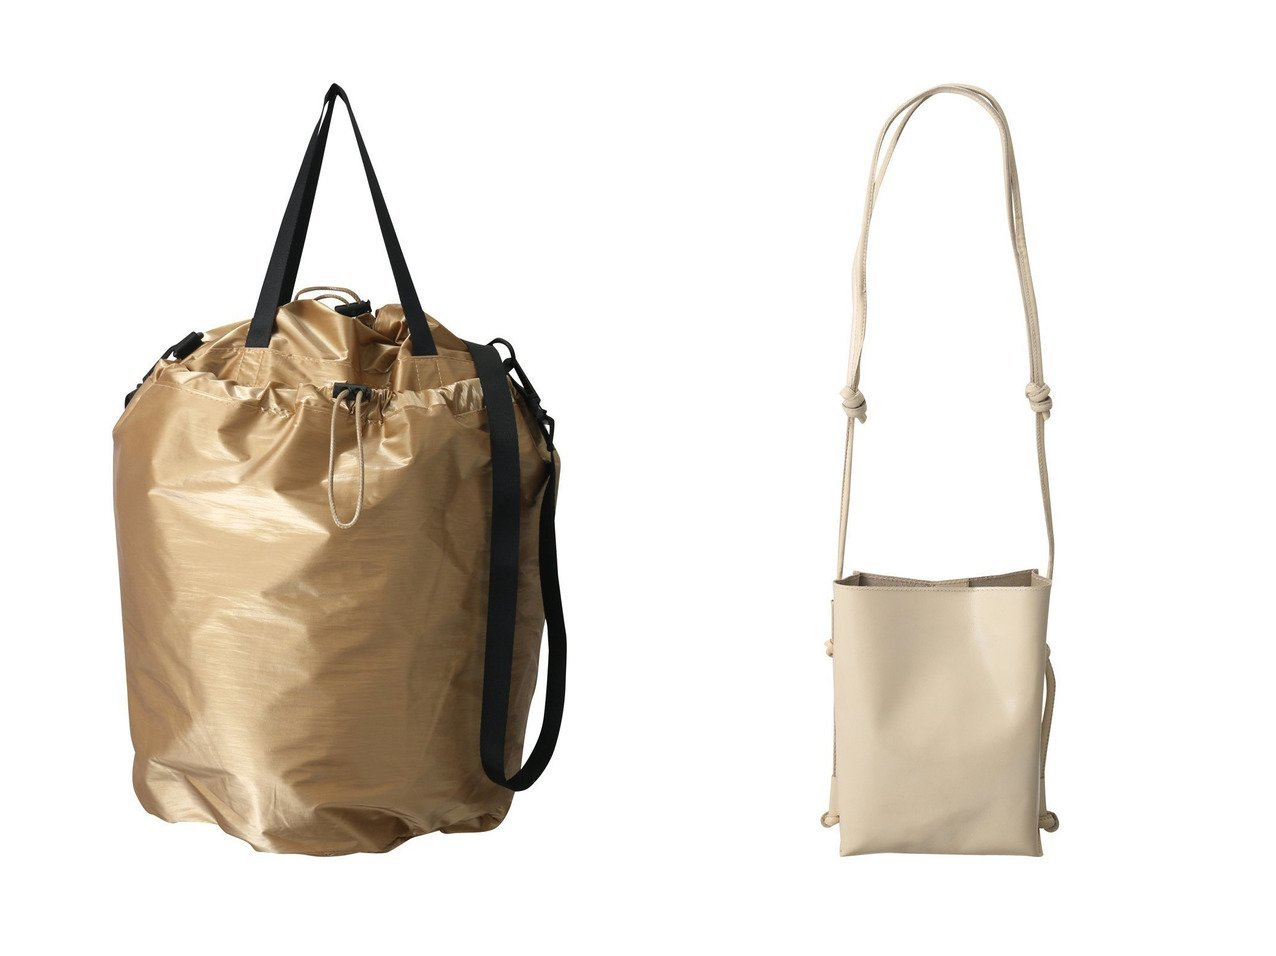 【ROSE BUD/ローズバッド】の【CASSELINI】3Wayバッグ&ショルダーバッグ 【バッグ・鞄】おすすめ!人気、トレンド・レディースファッションの通販 おすすめで人気の流行・トレンド、ファッションの通販商品 インテリア・家具・メンズファッション・キッズファッション・レディースファッション・服の通販 founy(ファニー) https://founy.com/ ファッション Fashion レディースファッション WOMEN バッグ Bag コンパクト ショルダー ポケット 巾着 シンプル ベーシック  ID:crp329100000047563